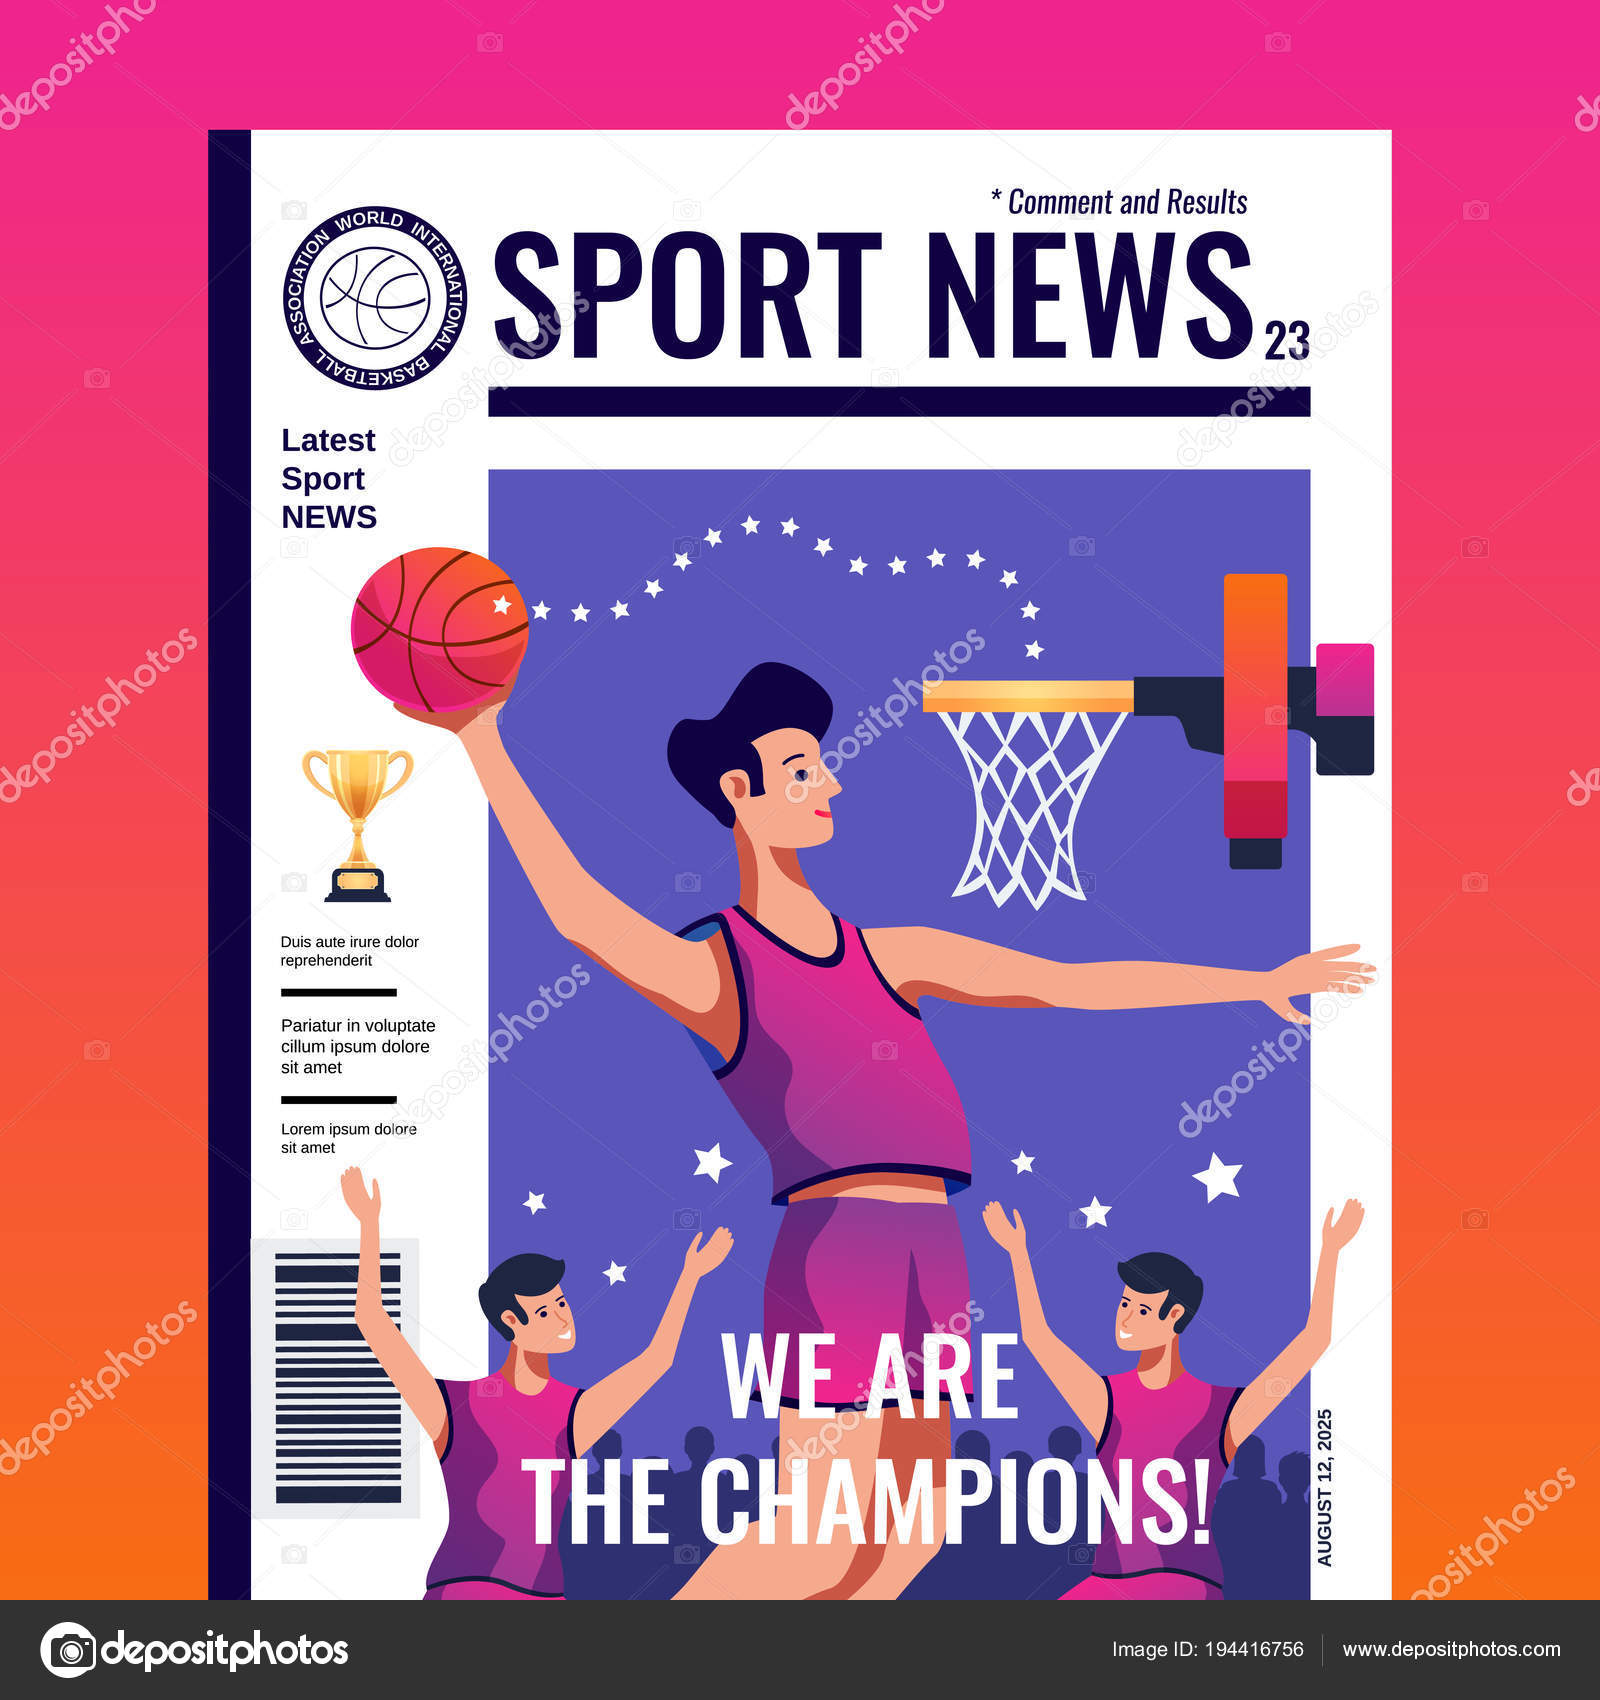 Couverture de Magazine Sport News — Image vectorielle macrovector ...